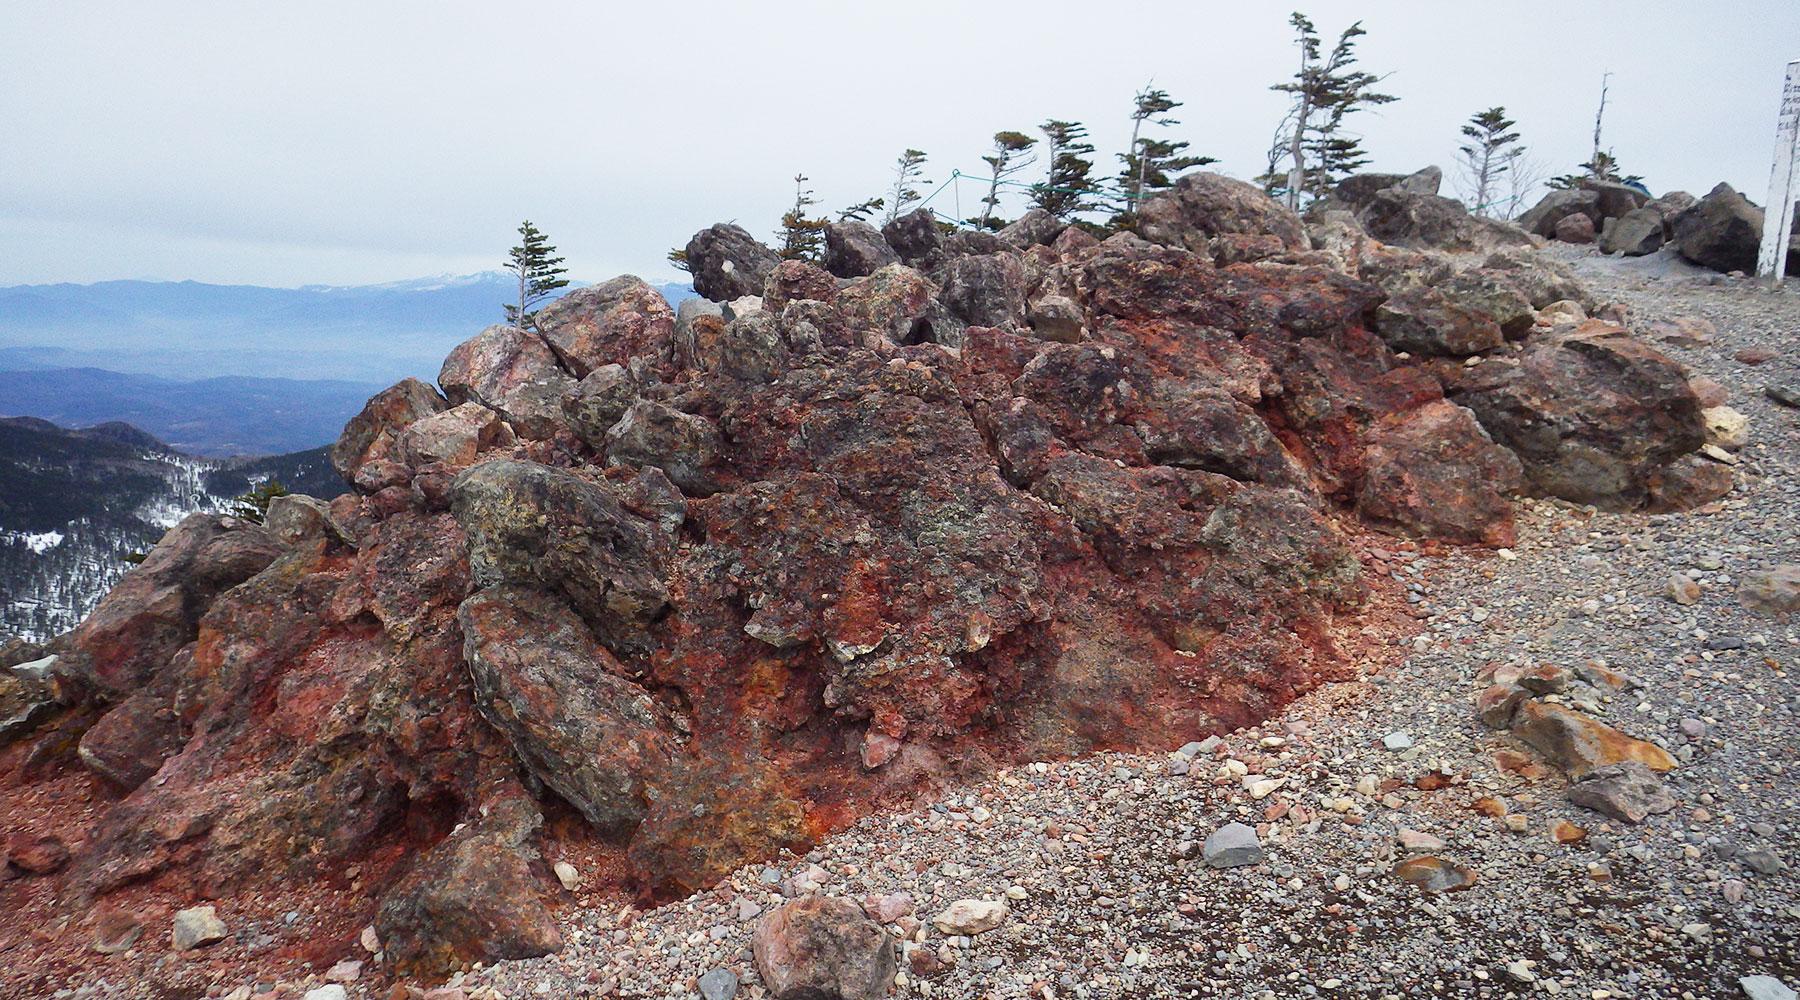 北横岳山頂(北峰)の鉄鉱石を含む溶岩